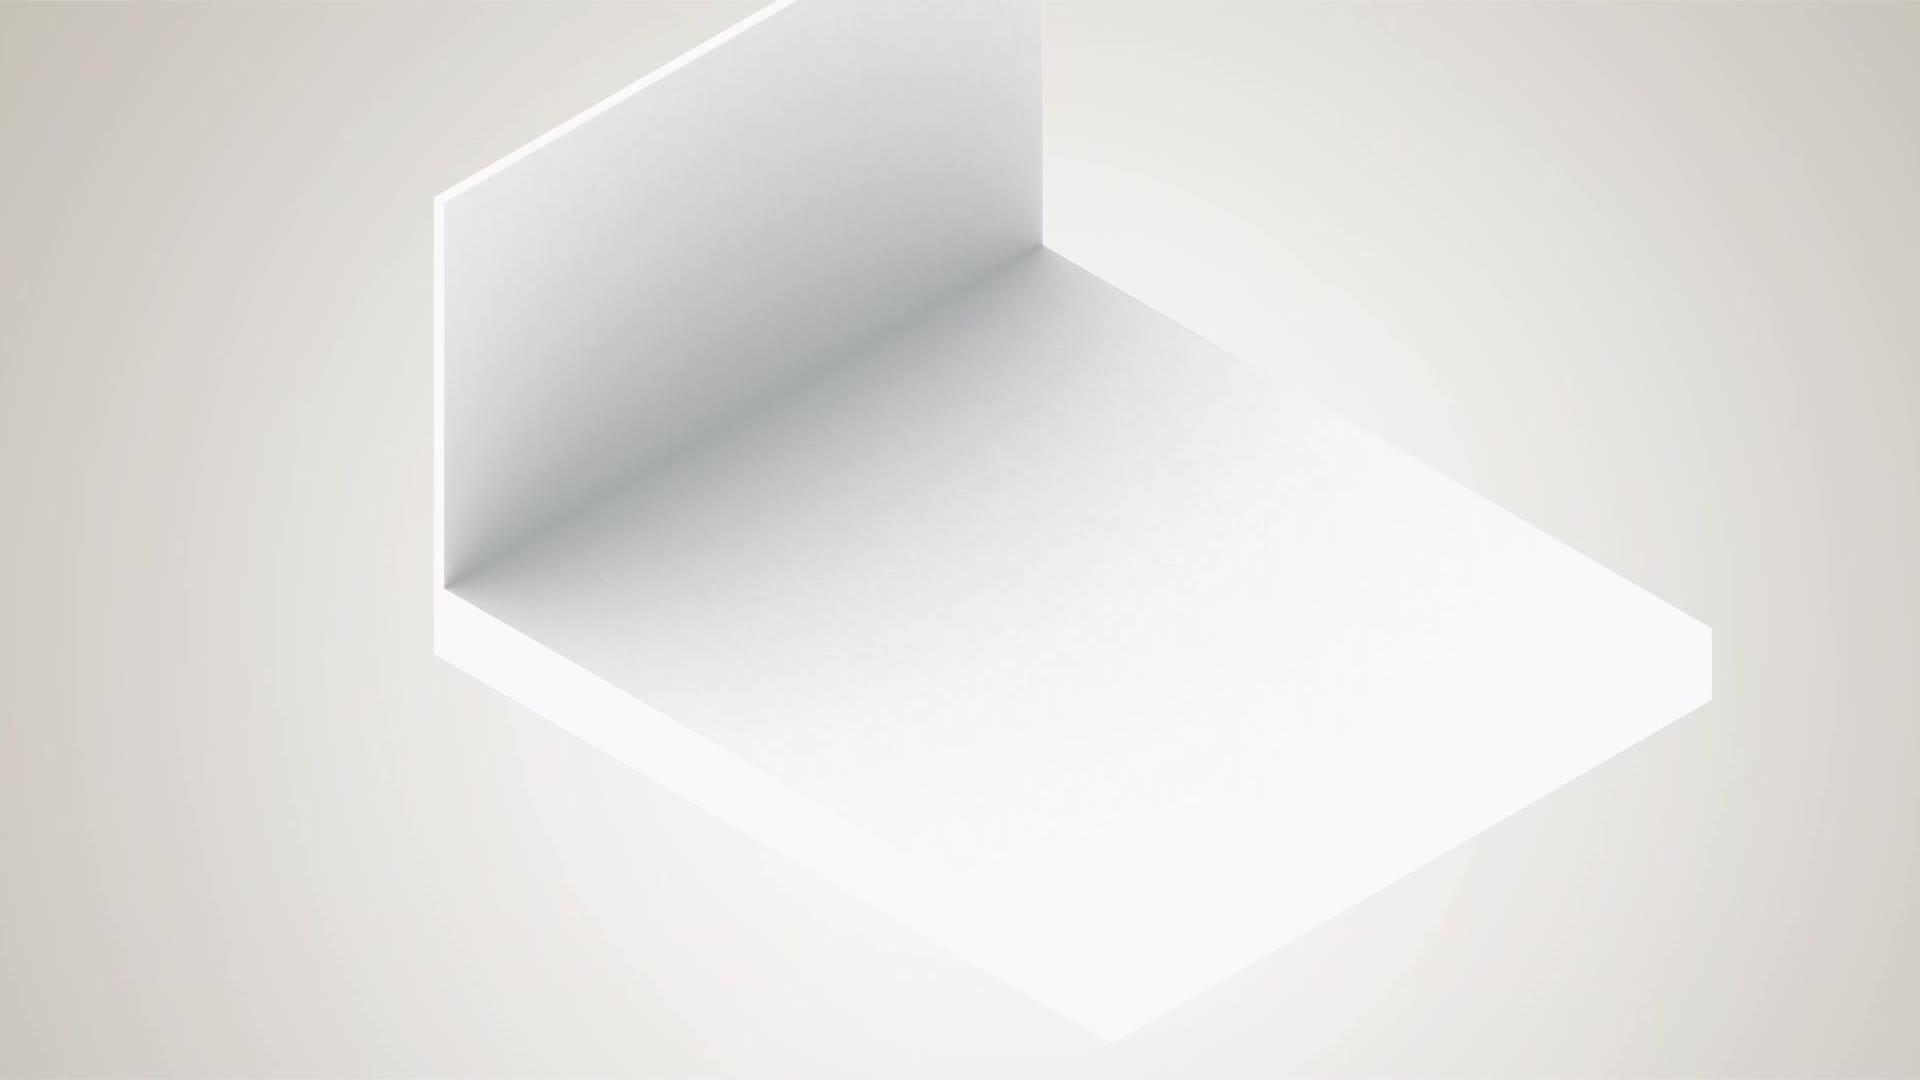 fichier techniques pompe sonde en wikip dia. Black Bedroom Furniture Sets. Home Design Ideas